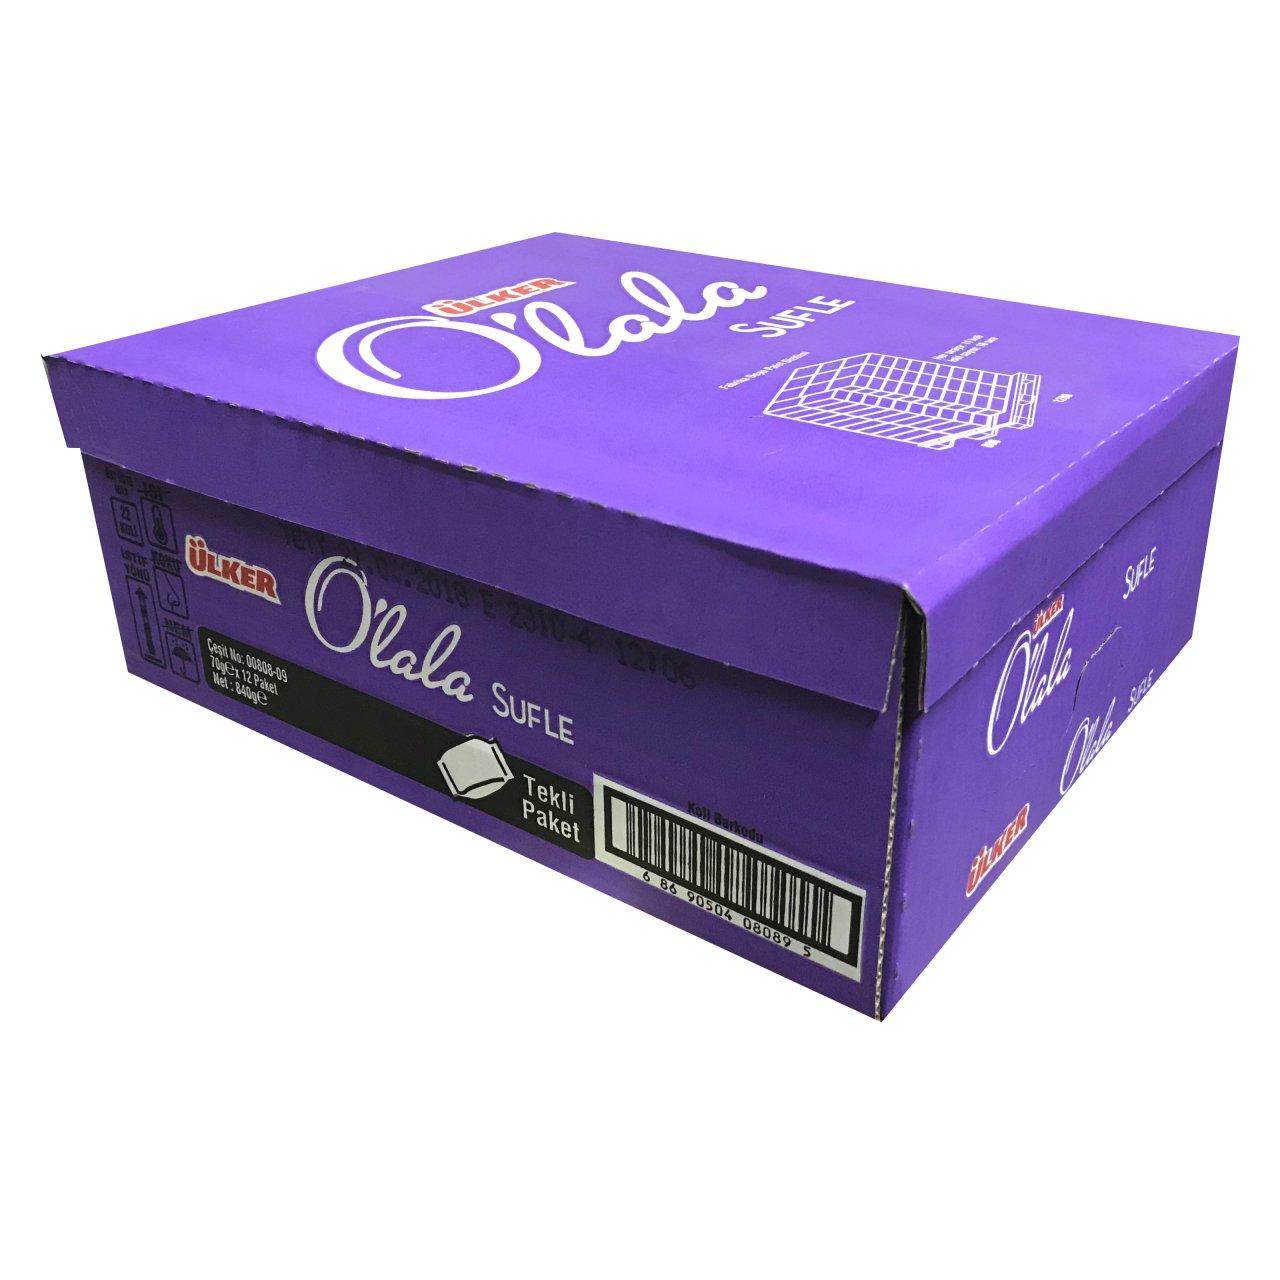 Ulker Olala Souffle Cake Snacks 70 GR ( Pack of 12 )